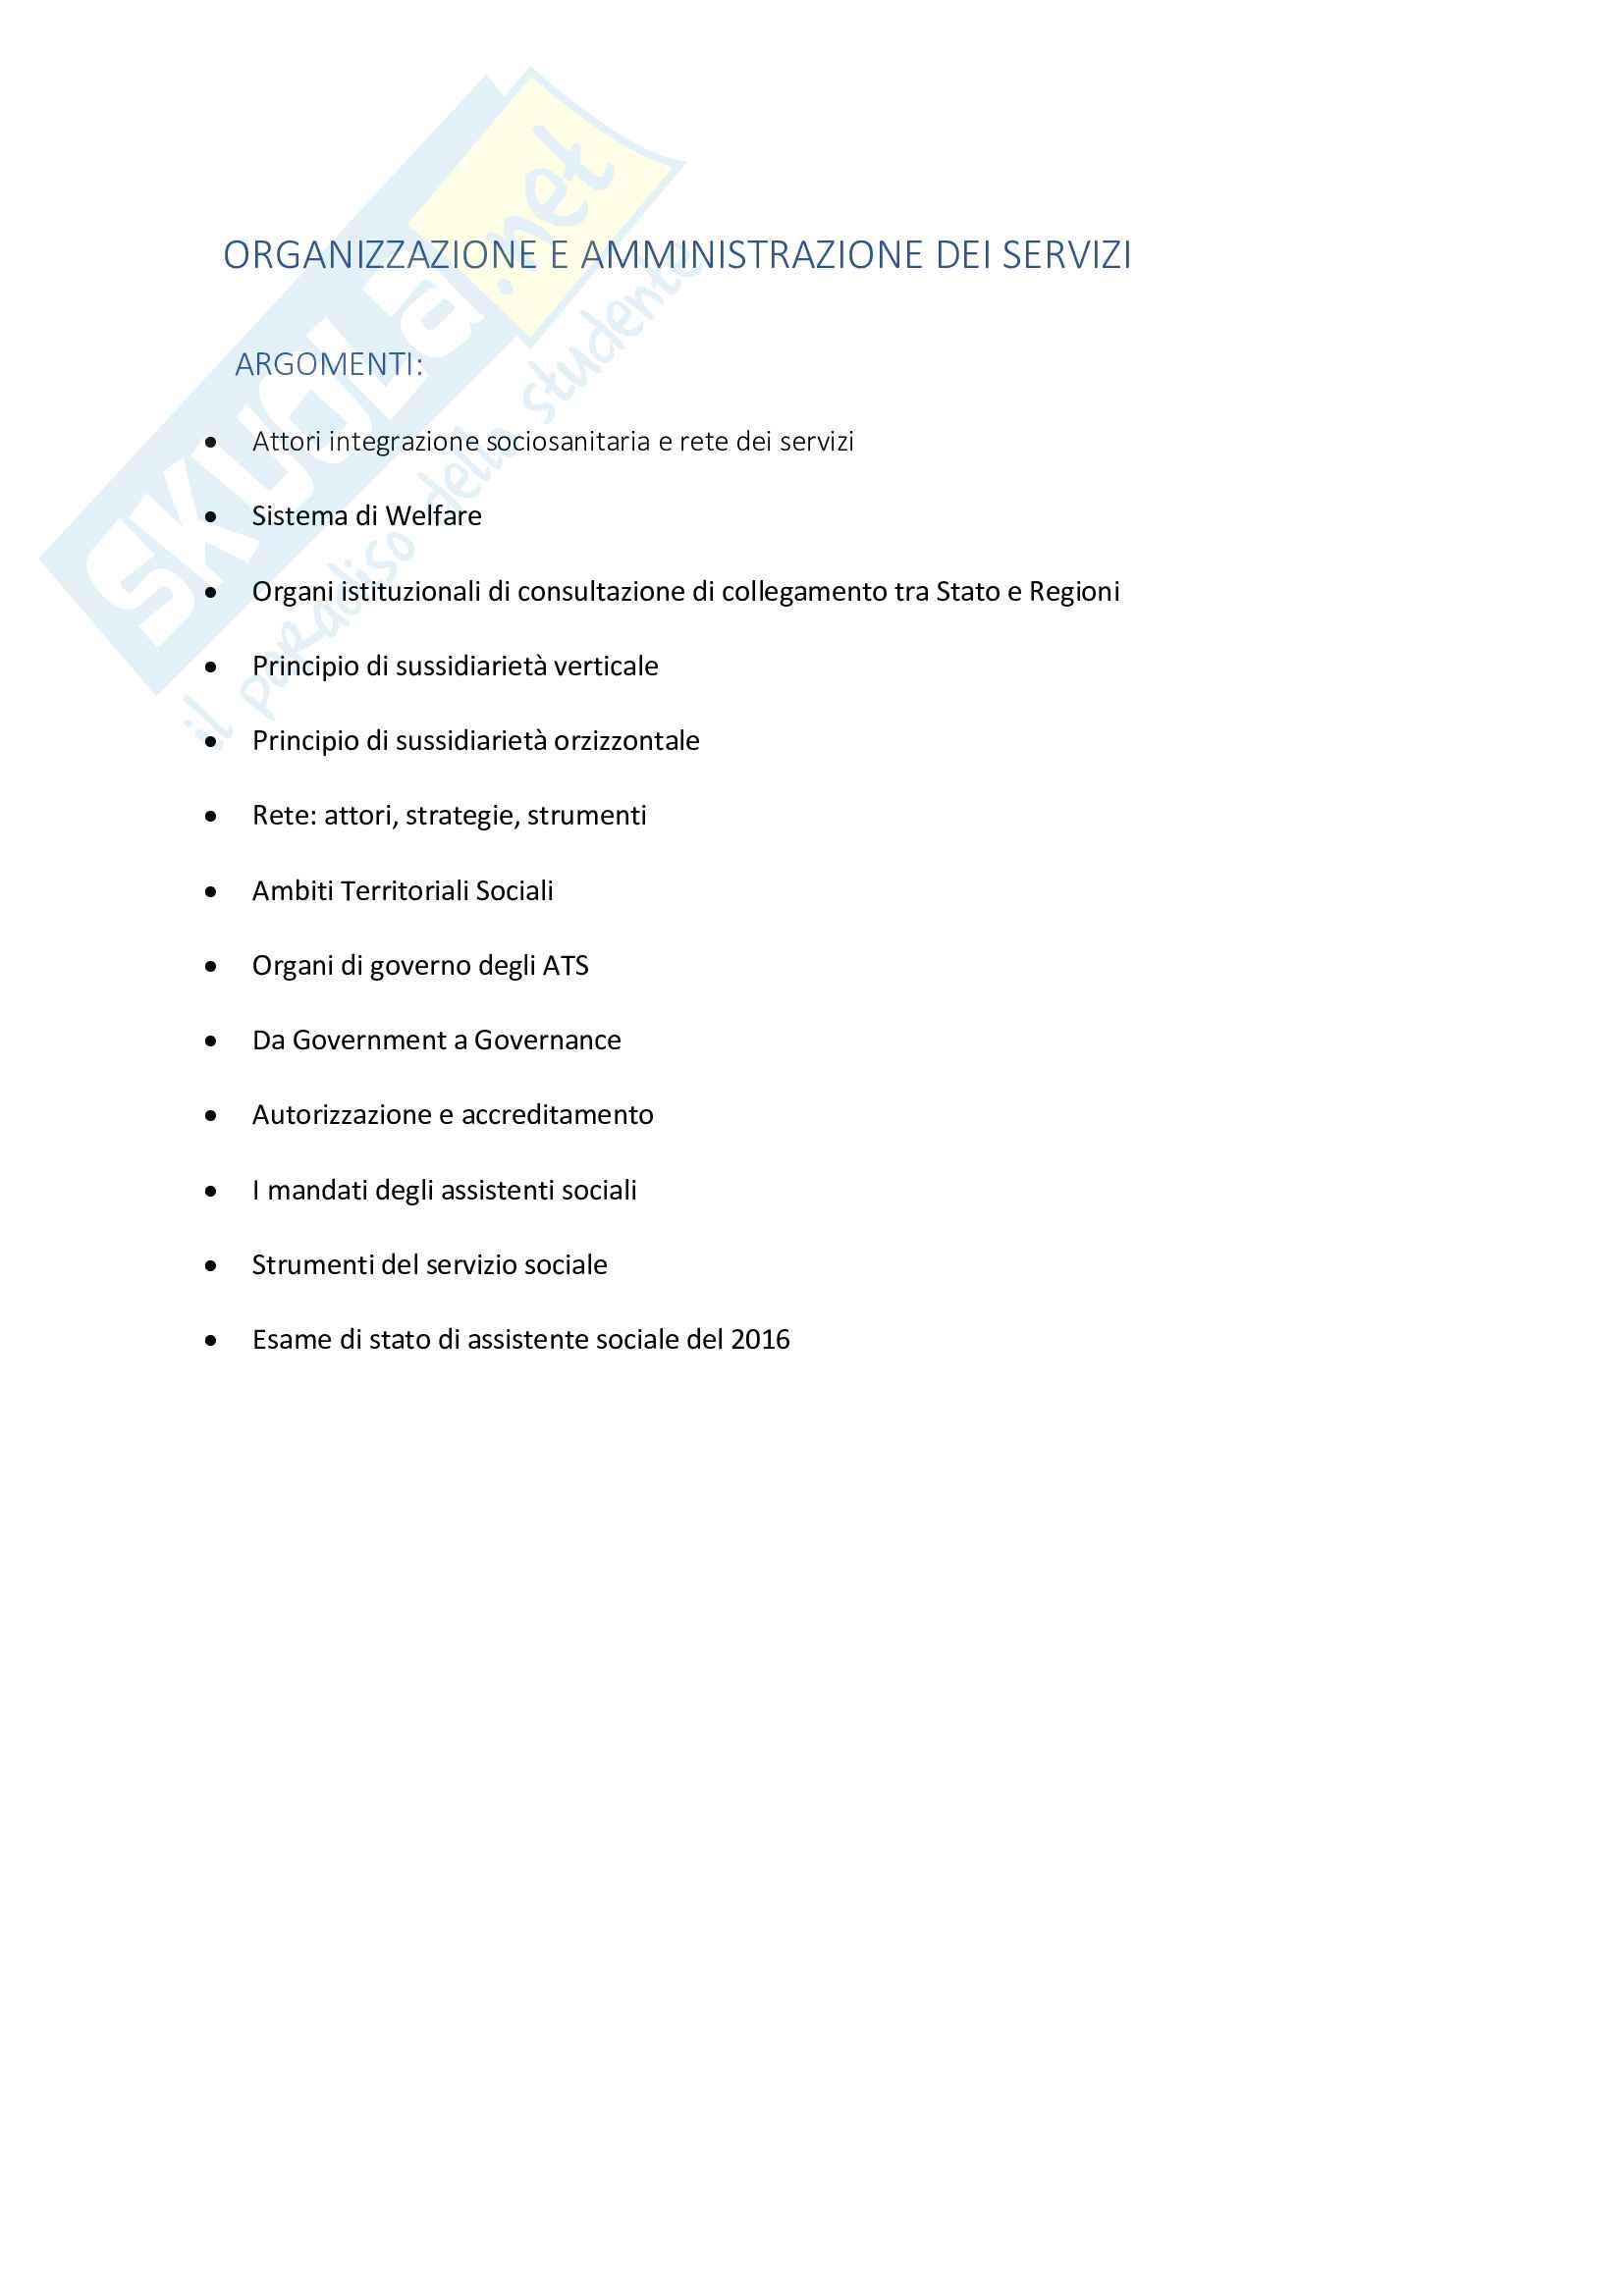 Appunti Organizzazione e amministrazione dei servizi